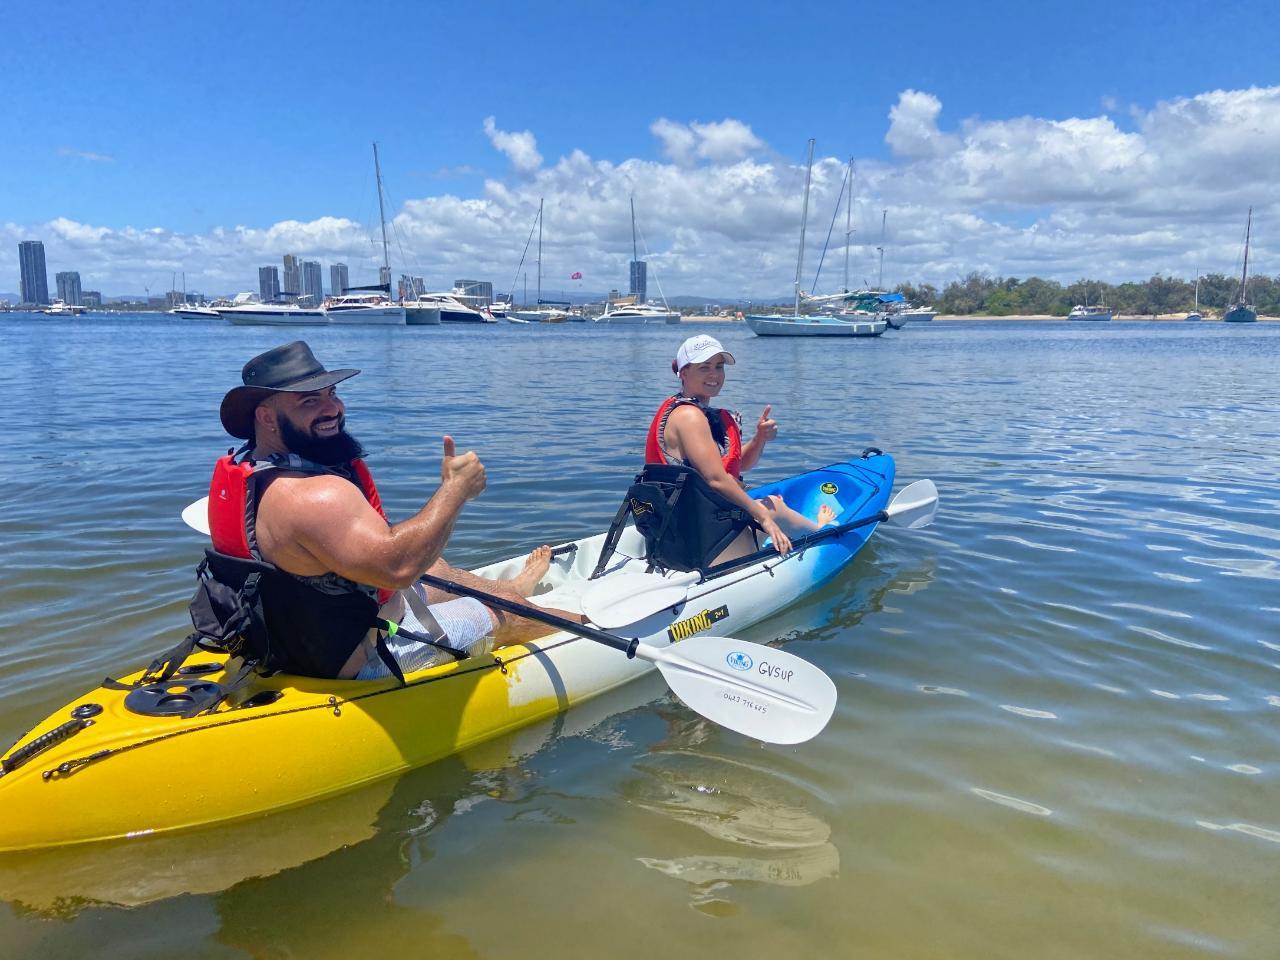 Kayak Tour - Broadwater Tour